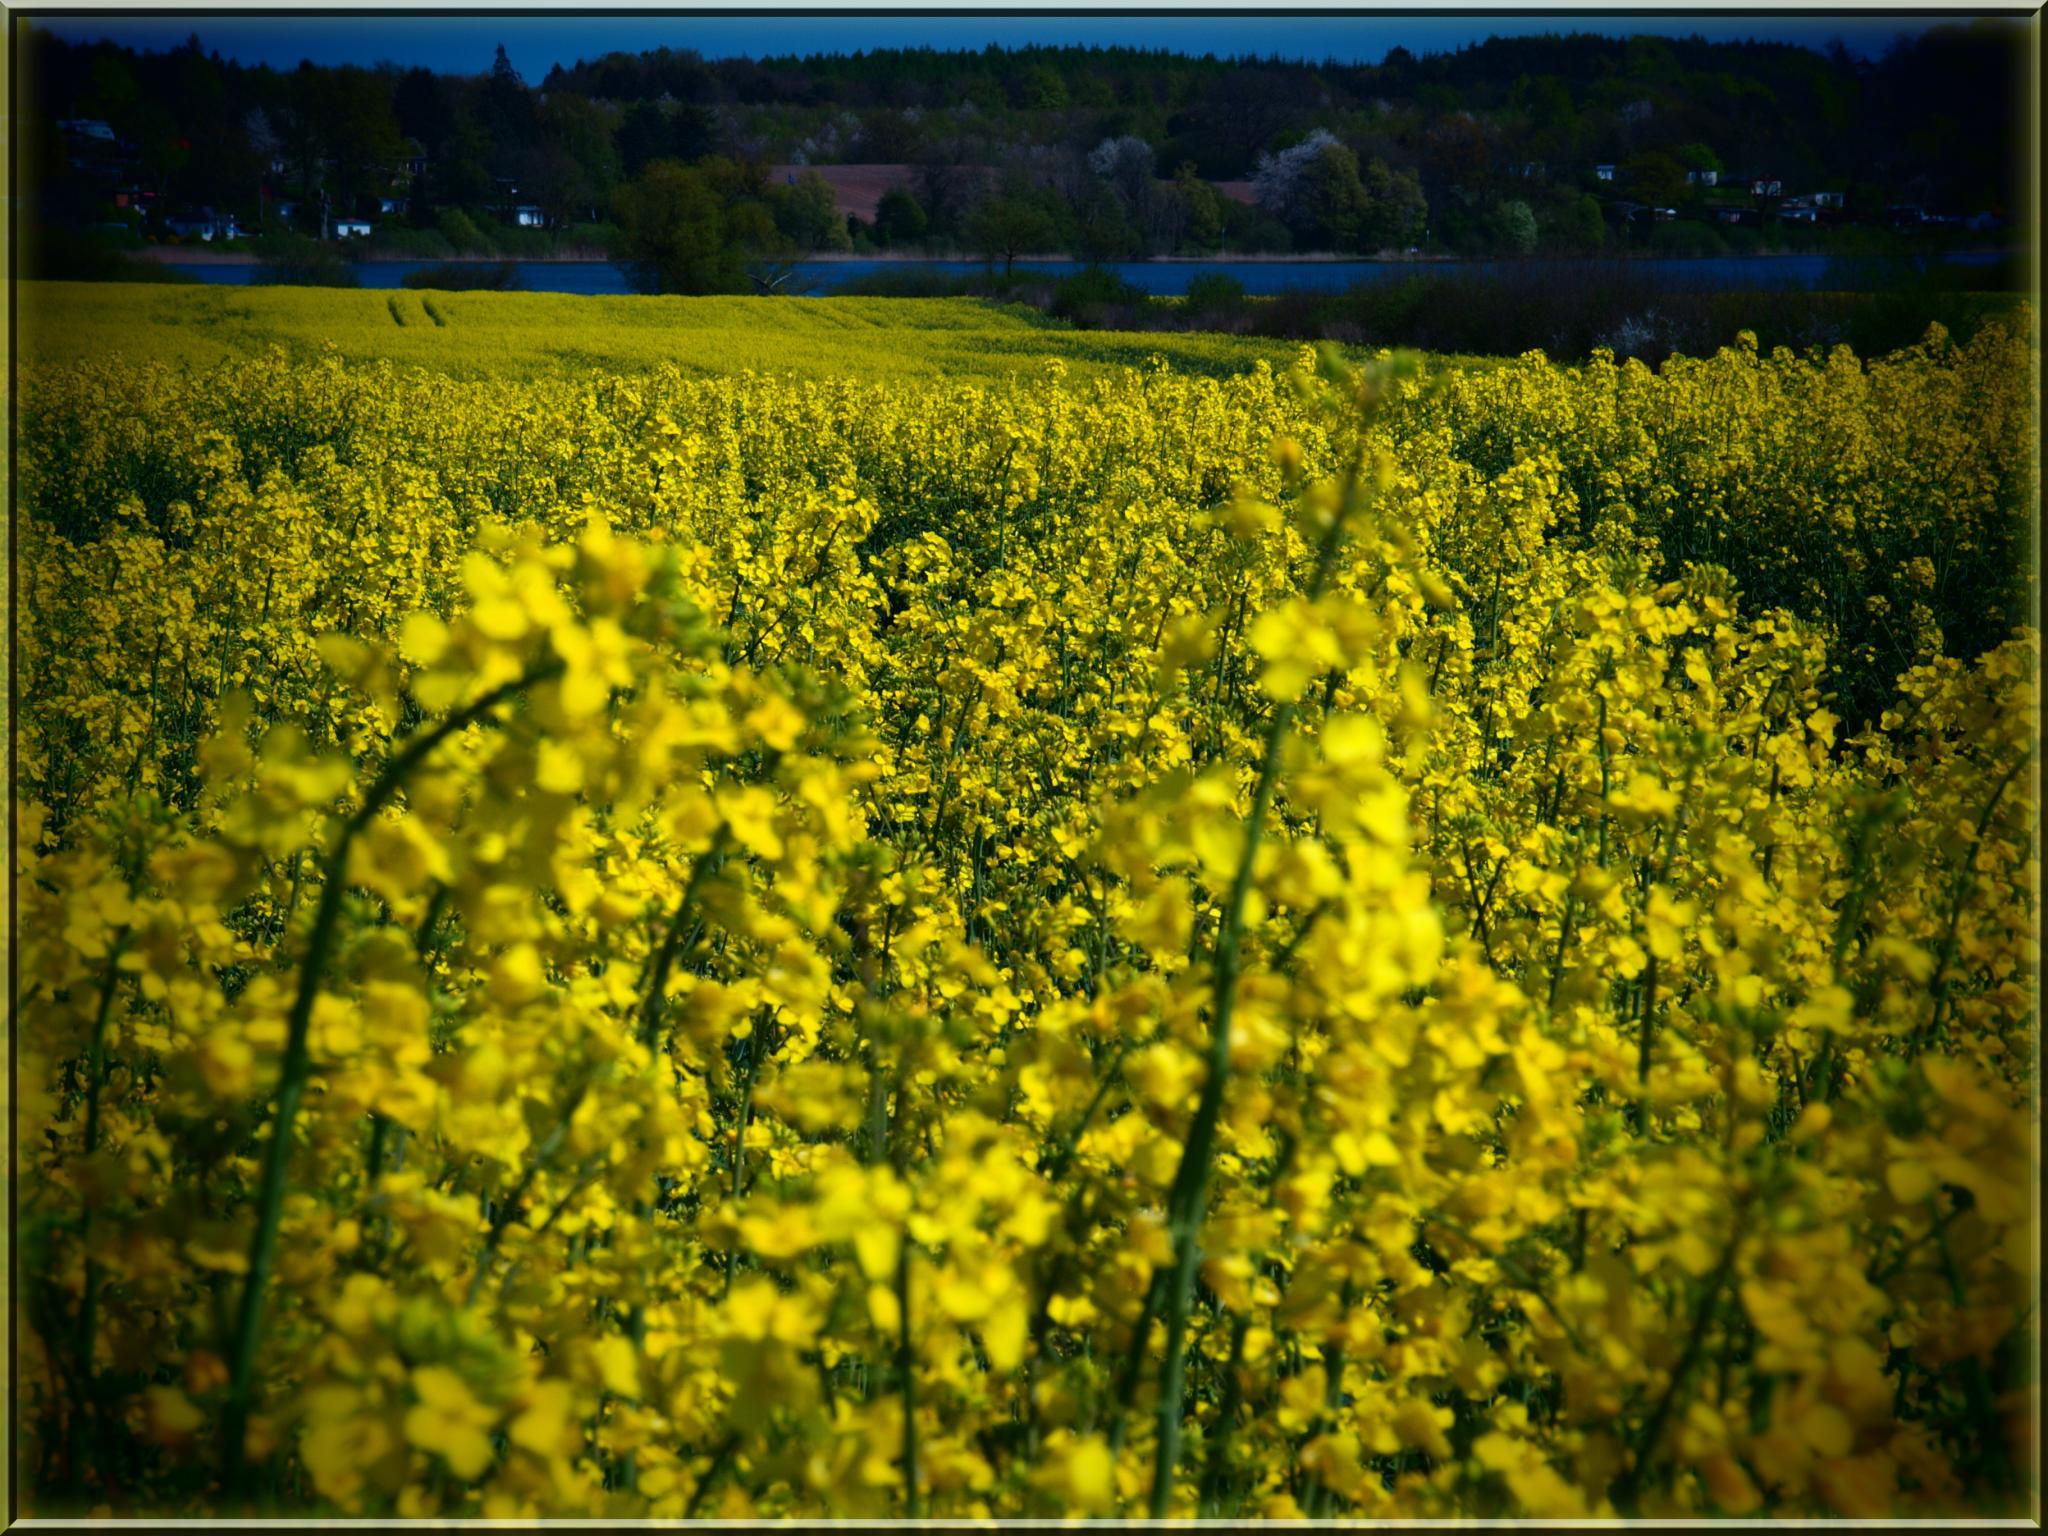 Fiori Gialli Germania.Sfondi Luce Del Sole Paesaggio Cielo Giallo Germania